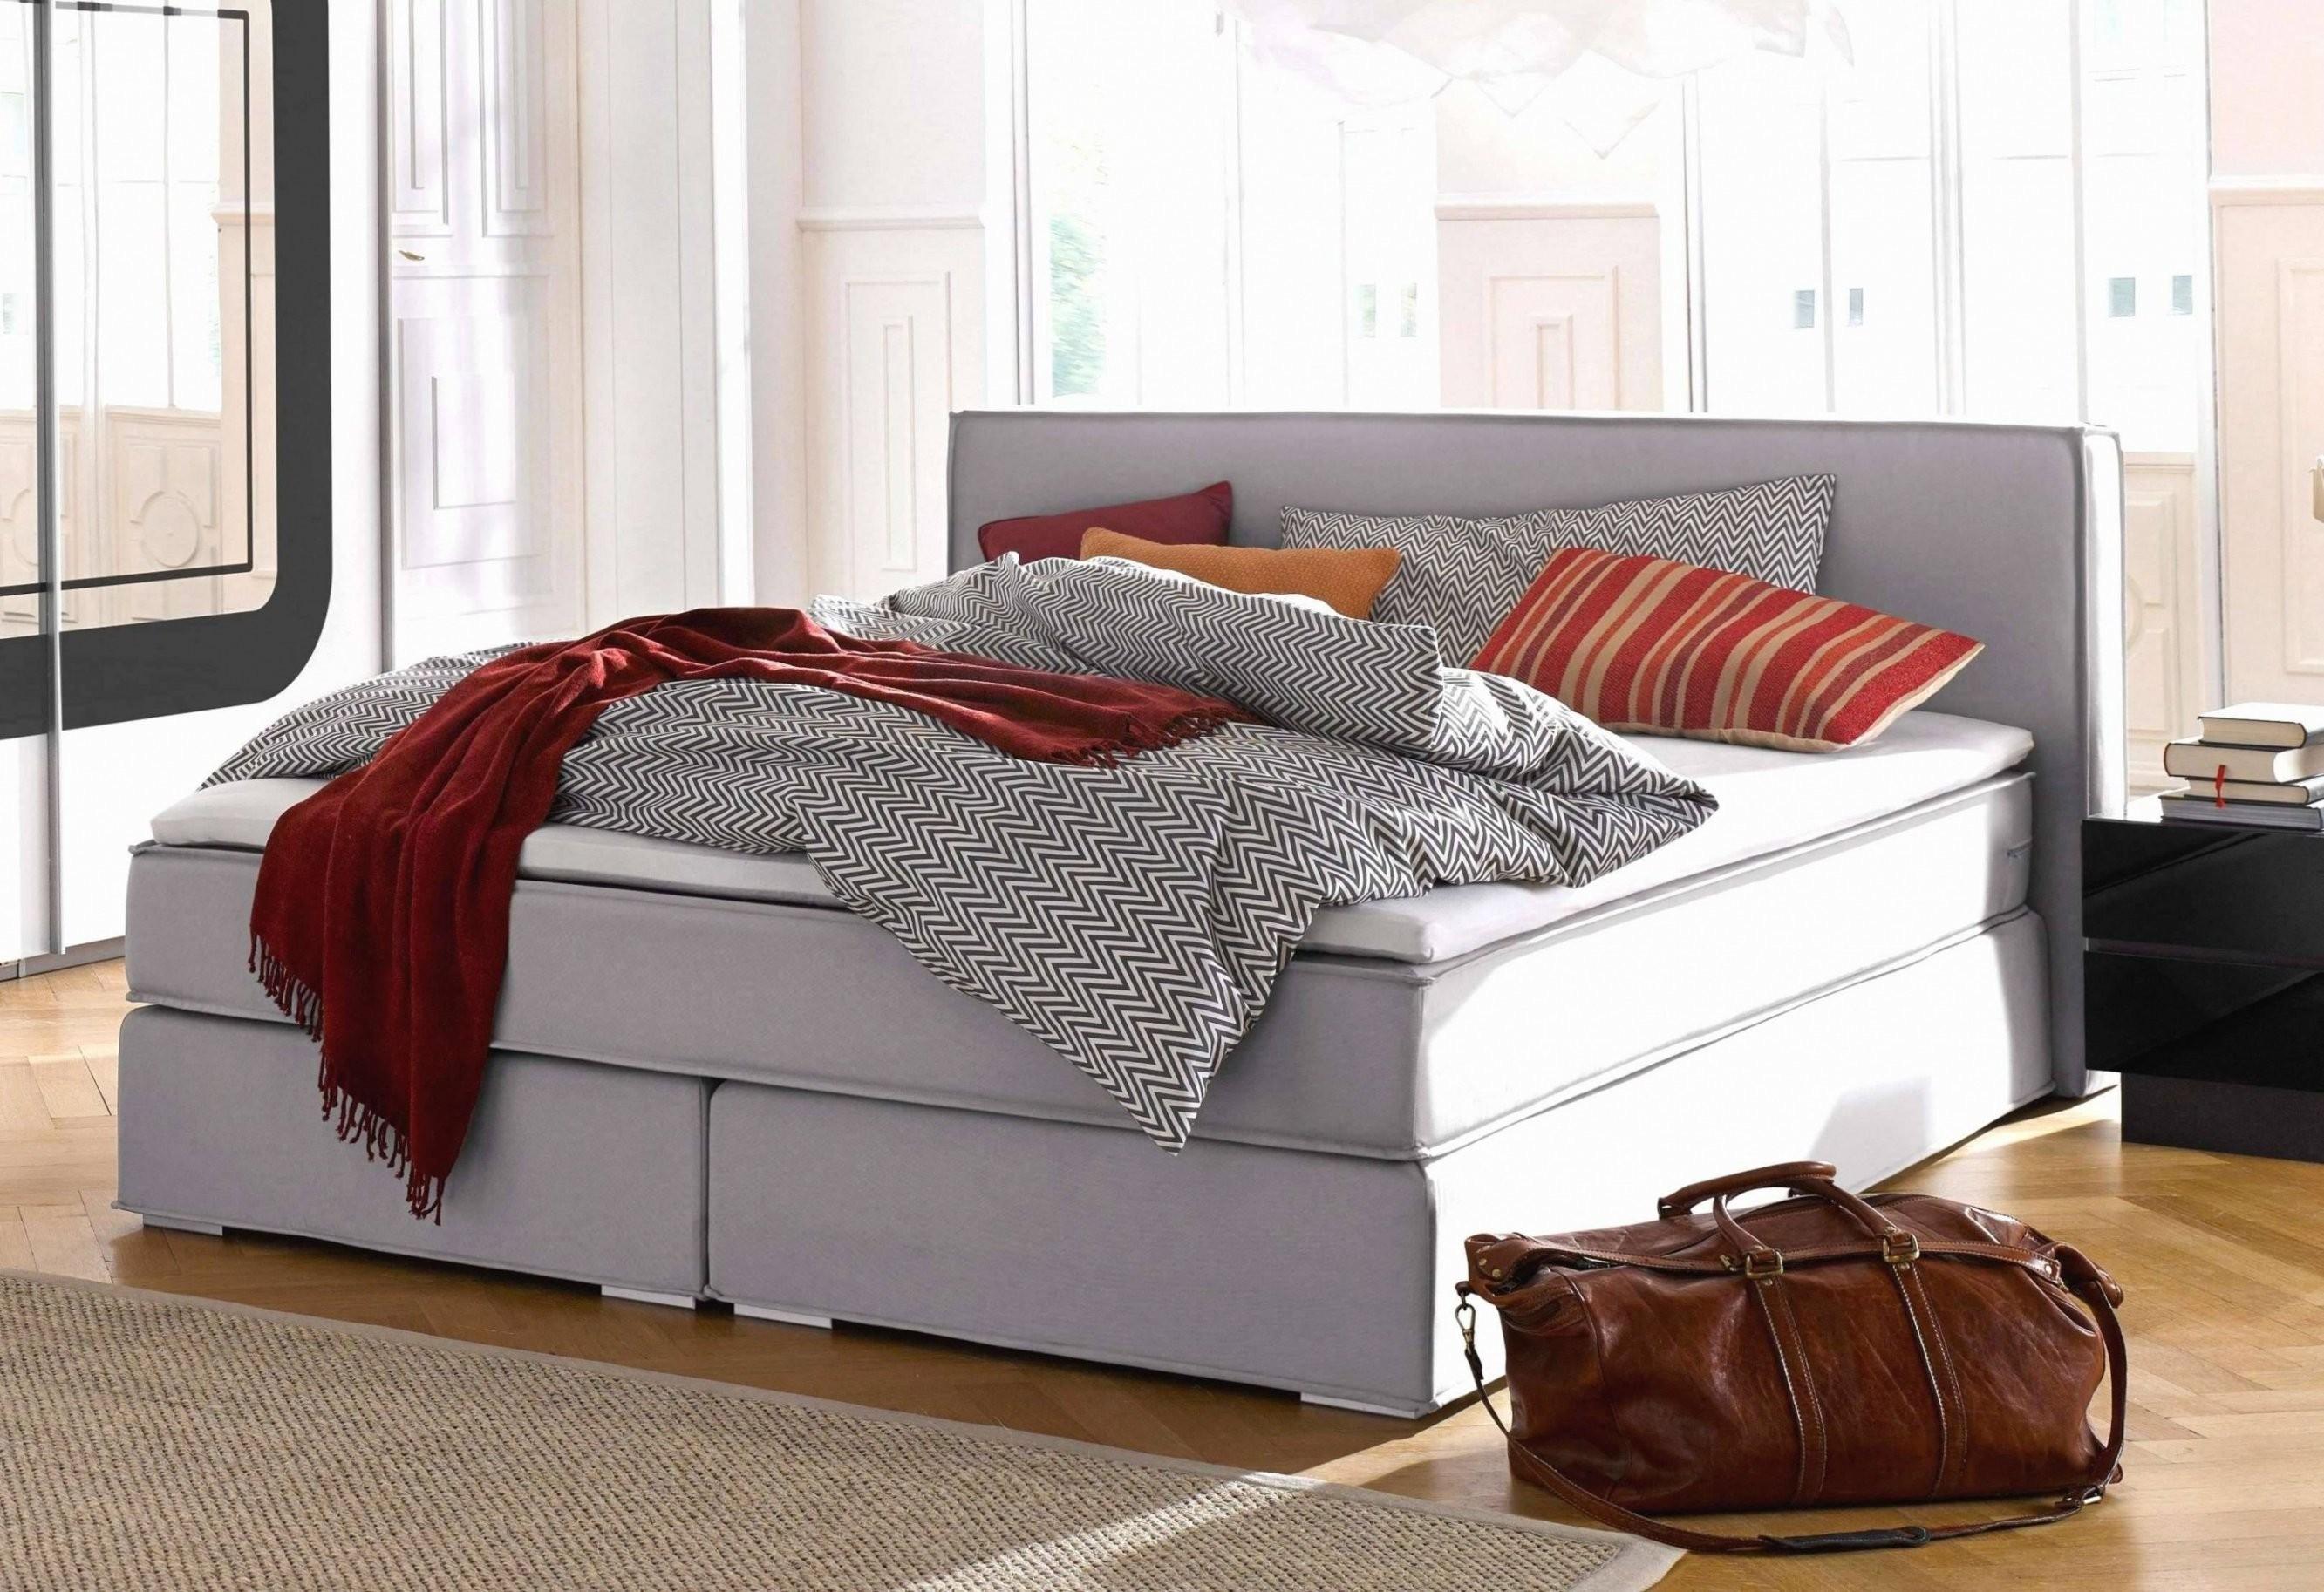 Boxspring Matratze Für Normales Bett — Yct Projekte Idee von Boxspring Matratze Für Normales Bett Bild